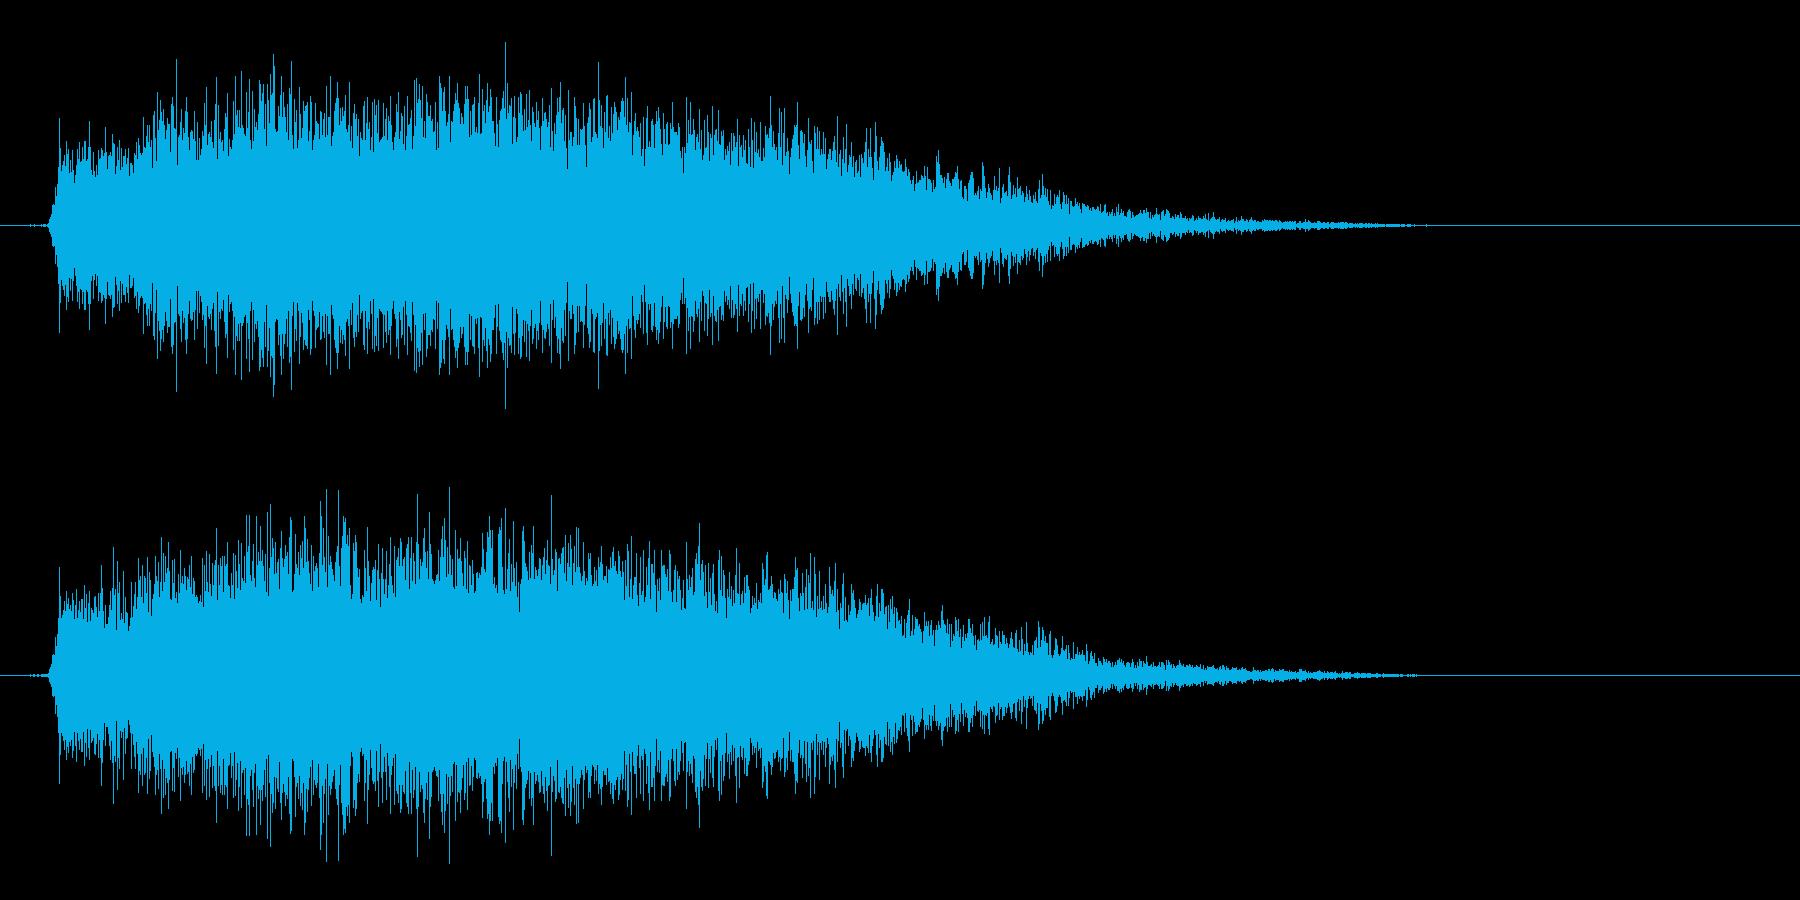 竜/ドラゴン/モンスターの鳴き声!01の再生済みの波形